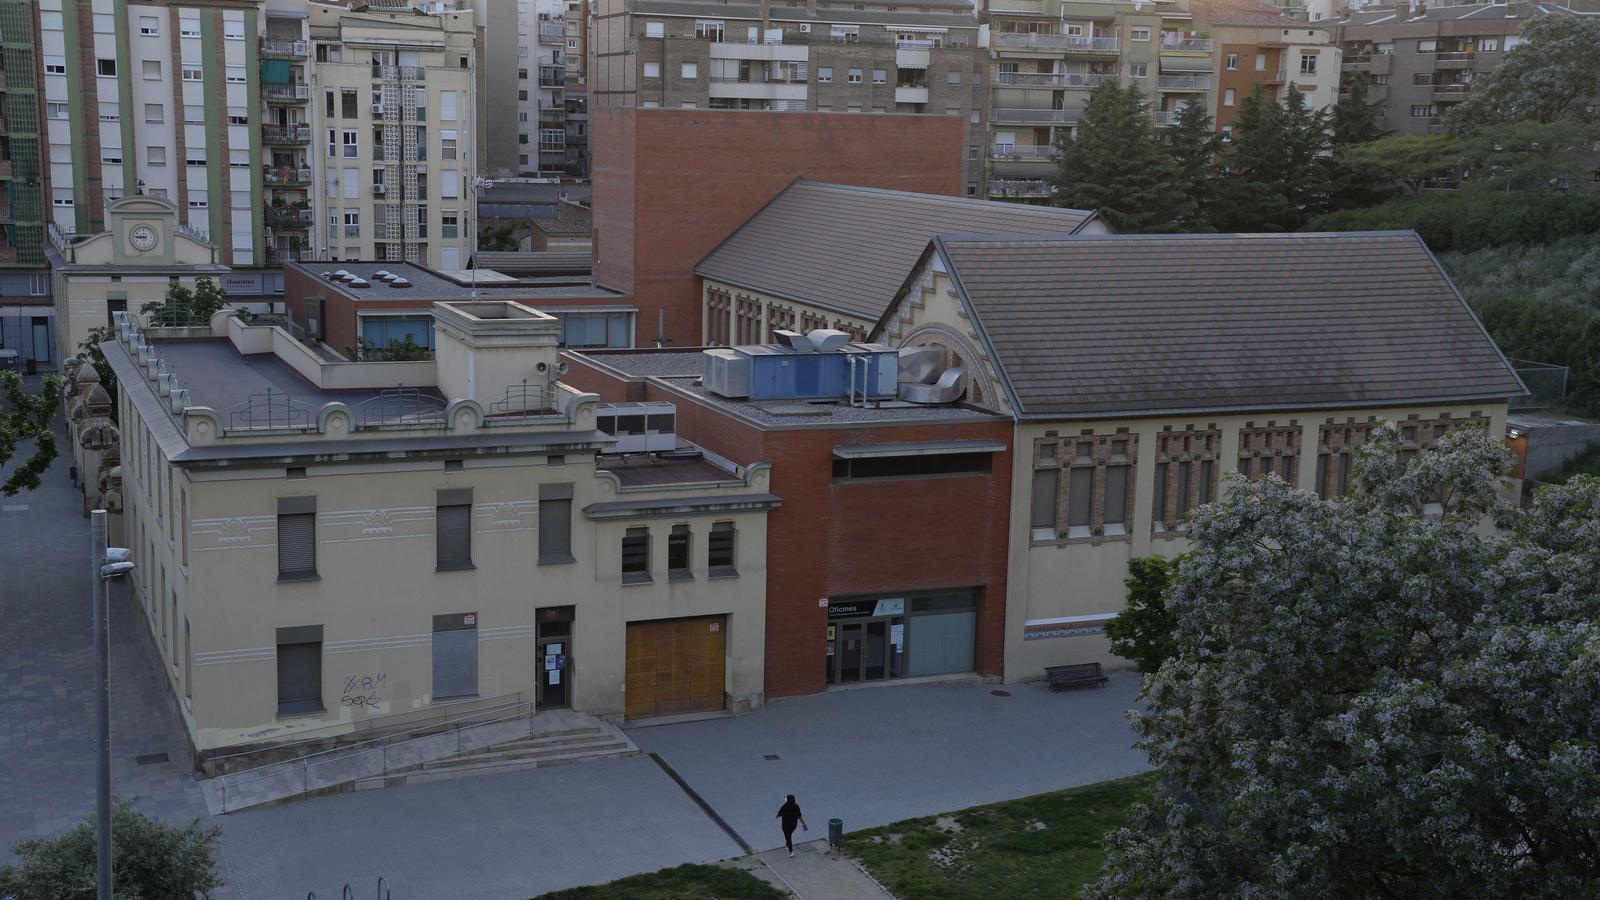 Ántic escorxador on està l'Aula de teatre de Lleida